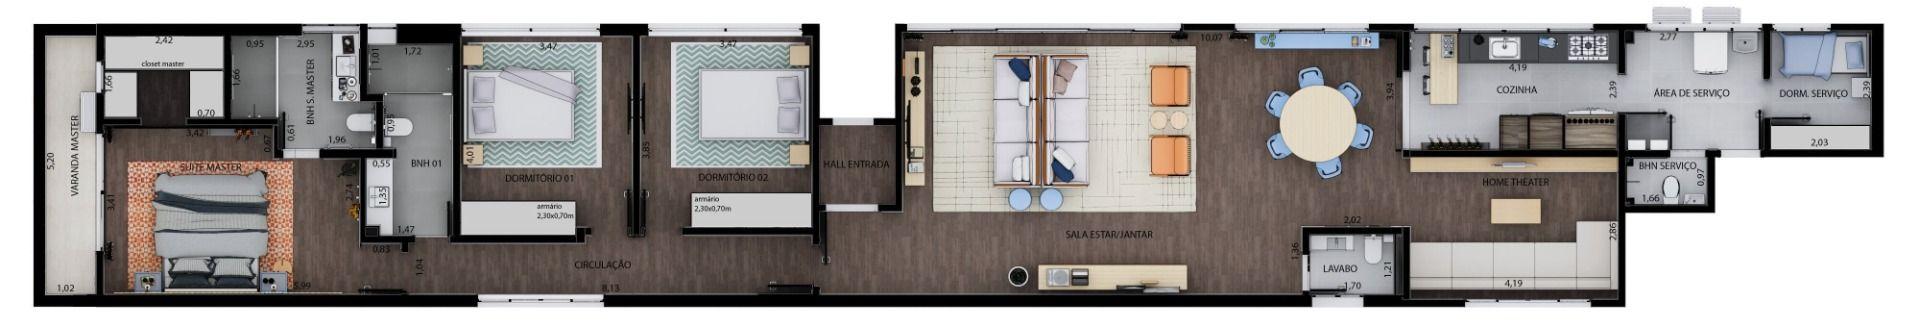 207 M² - 3 DORMITÓRIOS, SENDO 1 SUÍTE. (Apartamento 121, 12º andar).